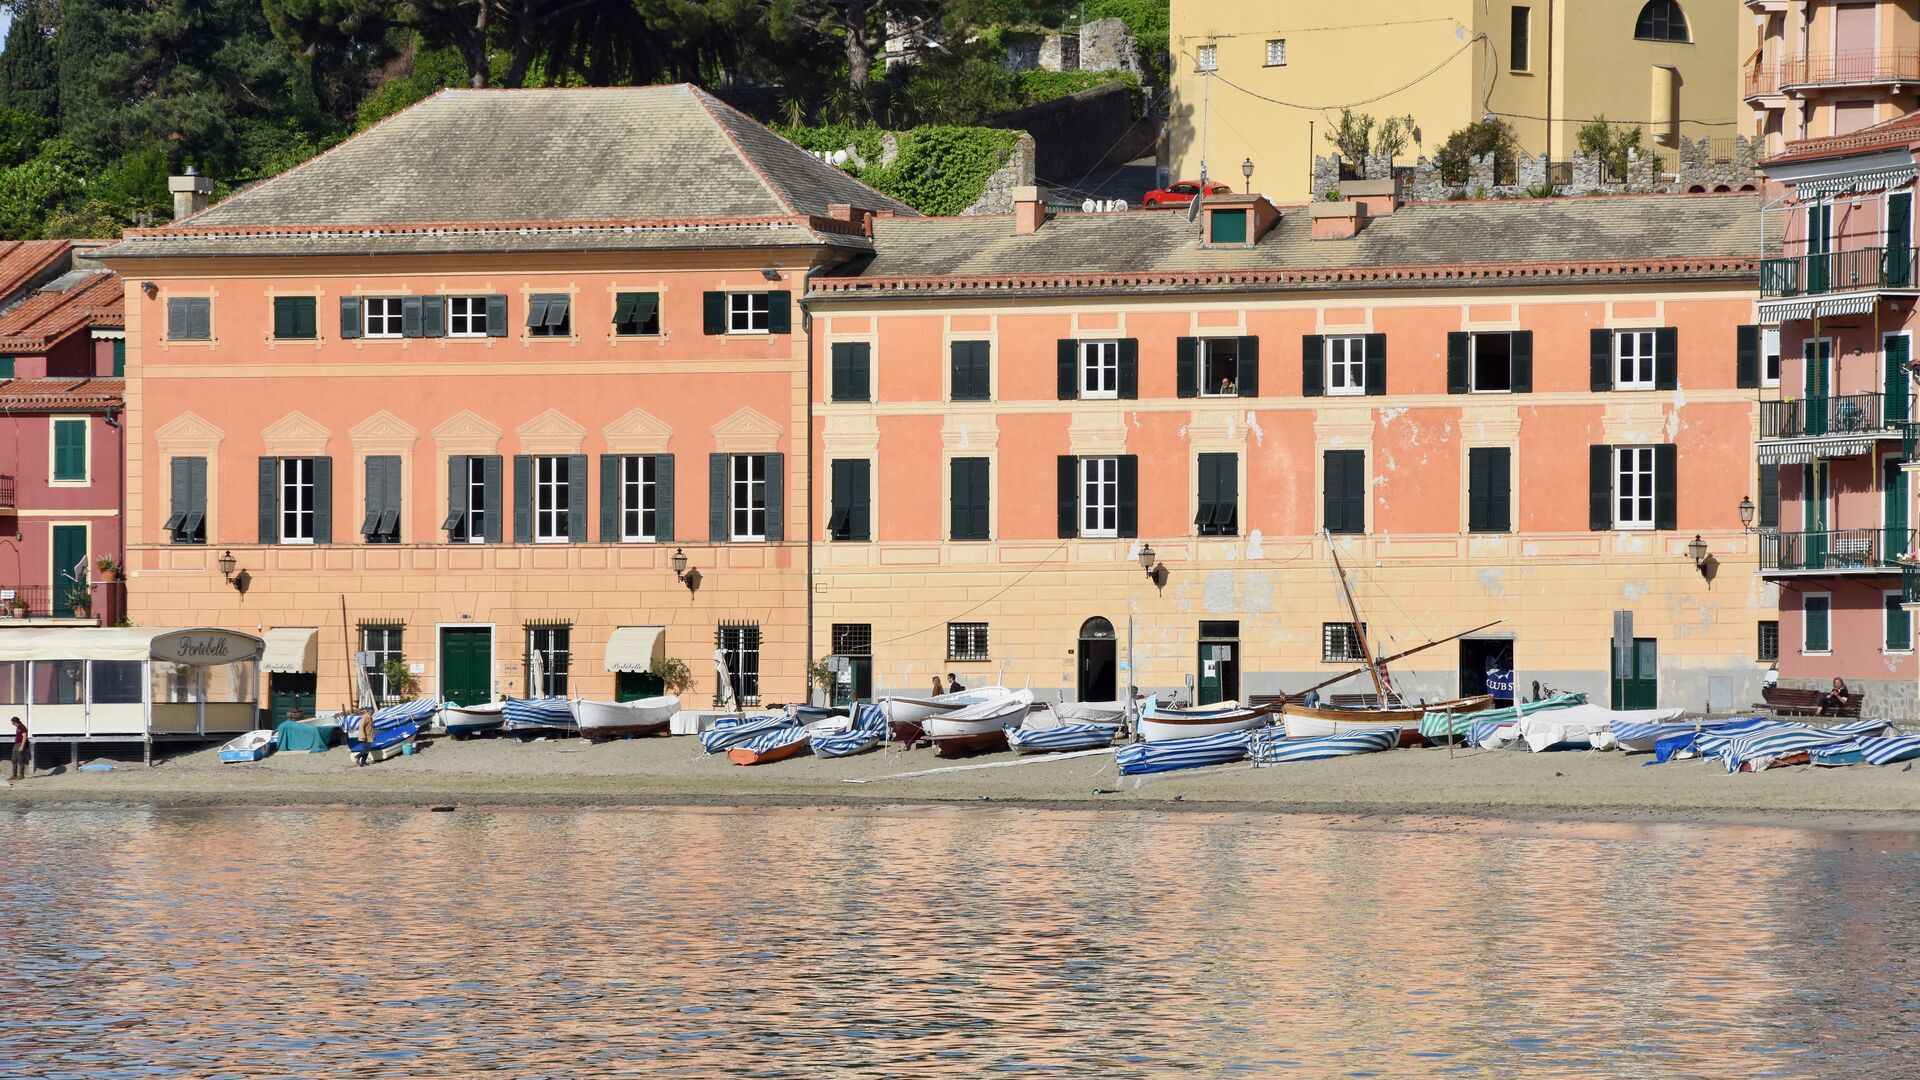 Séjours linguistiques Italie, Sestri Levante - Scuola ABC  Sestri Levante - École